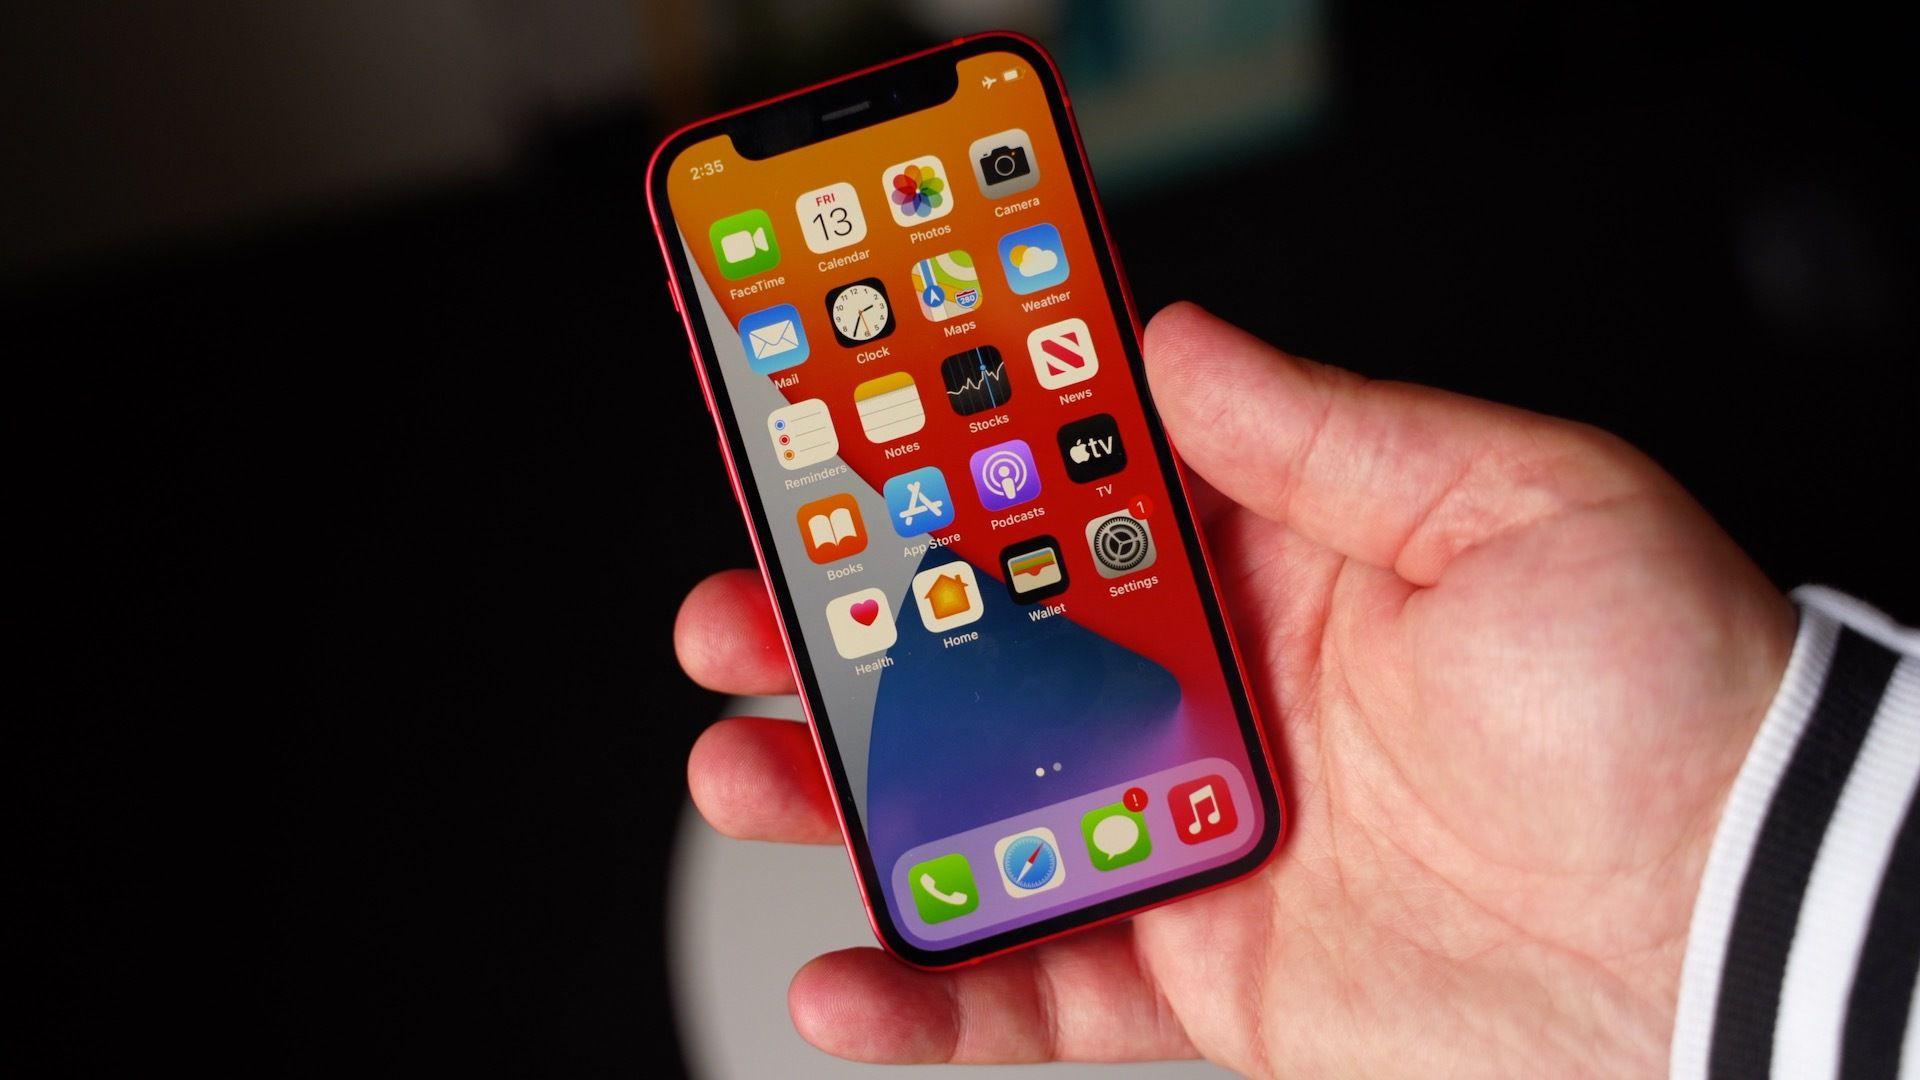 با وجود فروش پایین آیفون ۱۲ مینی، اپل آیفون ۱۳ مینی را توسعه میدهد